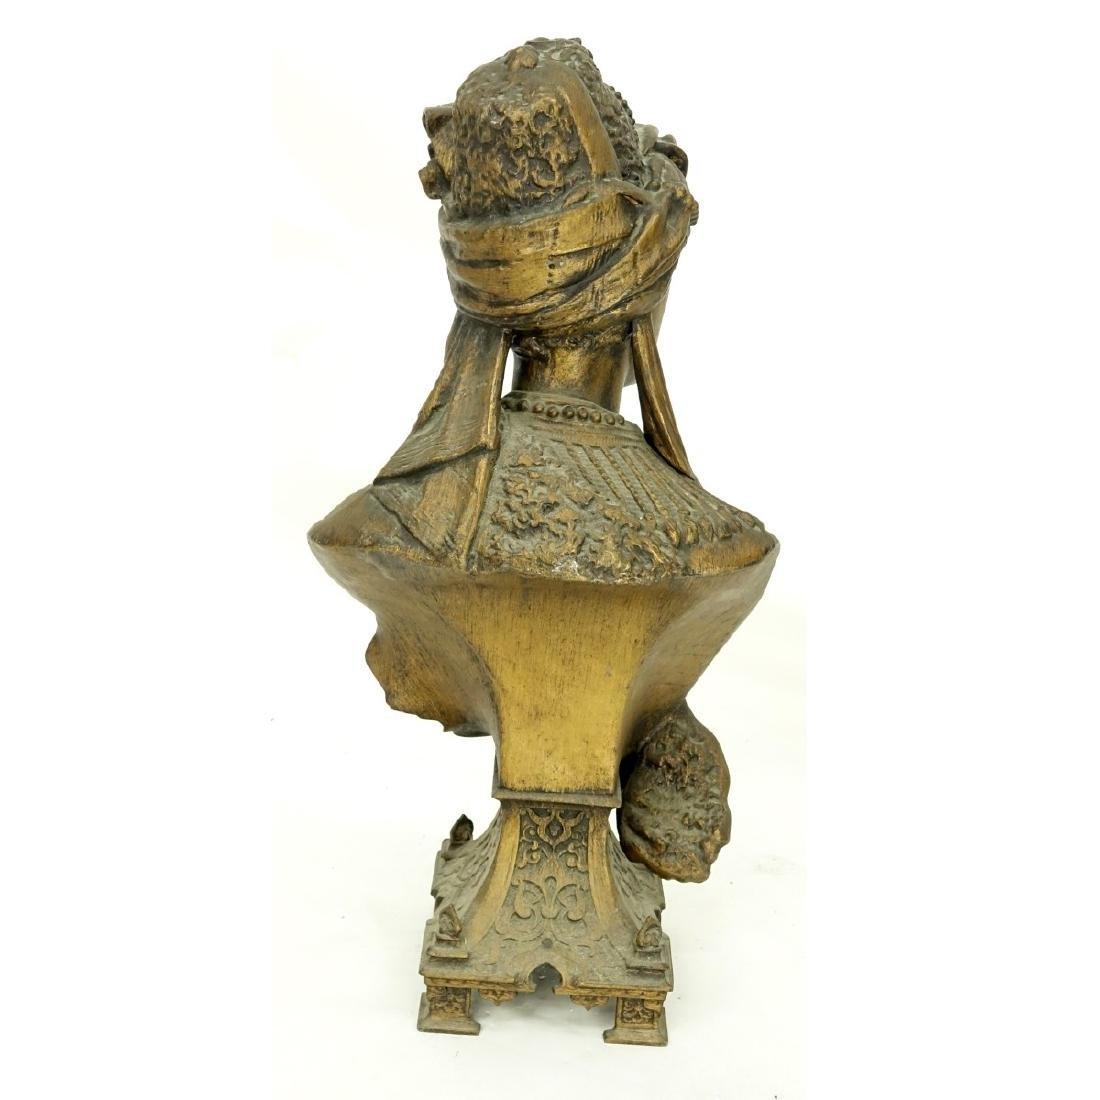 Antique Orientalist French Spelter Sculpture - 4